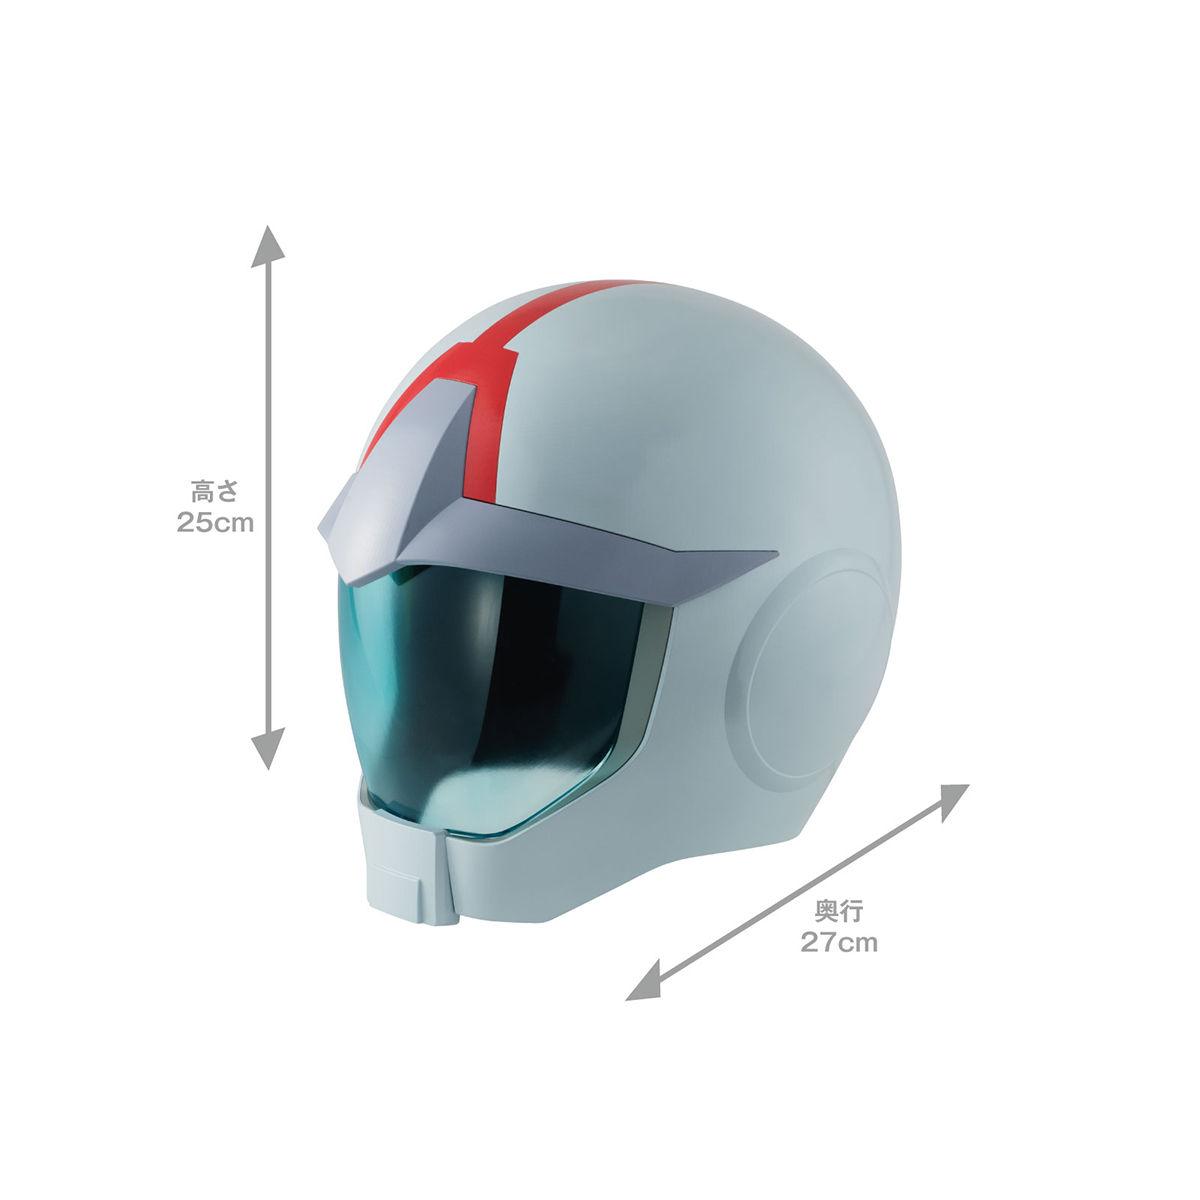 【限定販売】Full Scale Works『地球連邦軍ノーマルスーツ専用ヘルメット』機動戦士ガンダム ディスプレイモデル-009